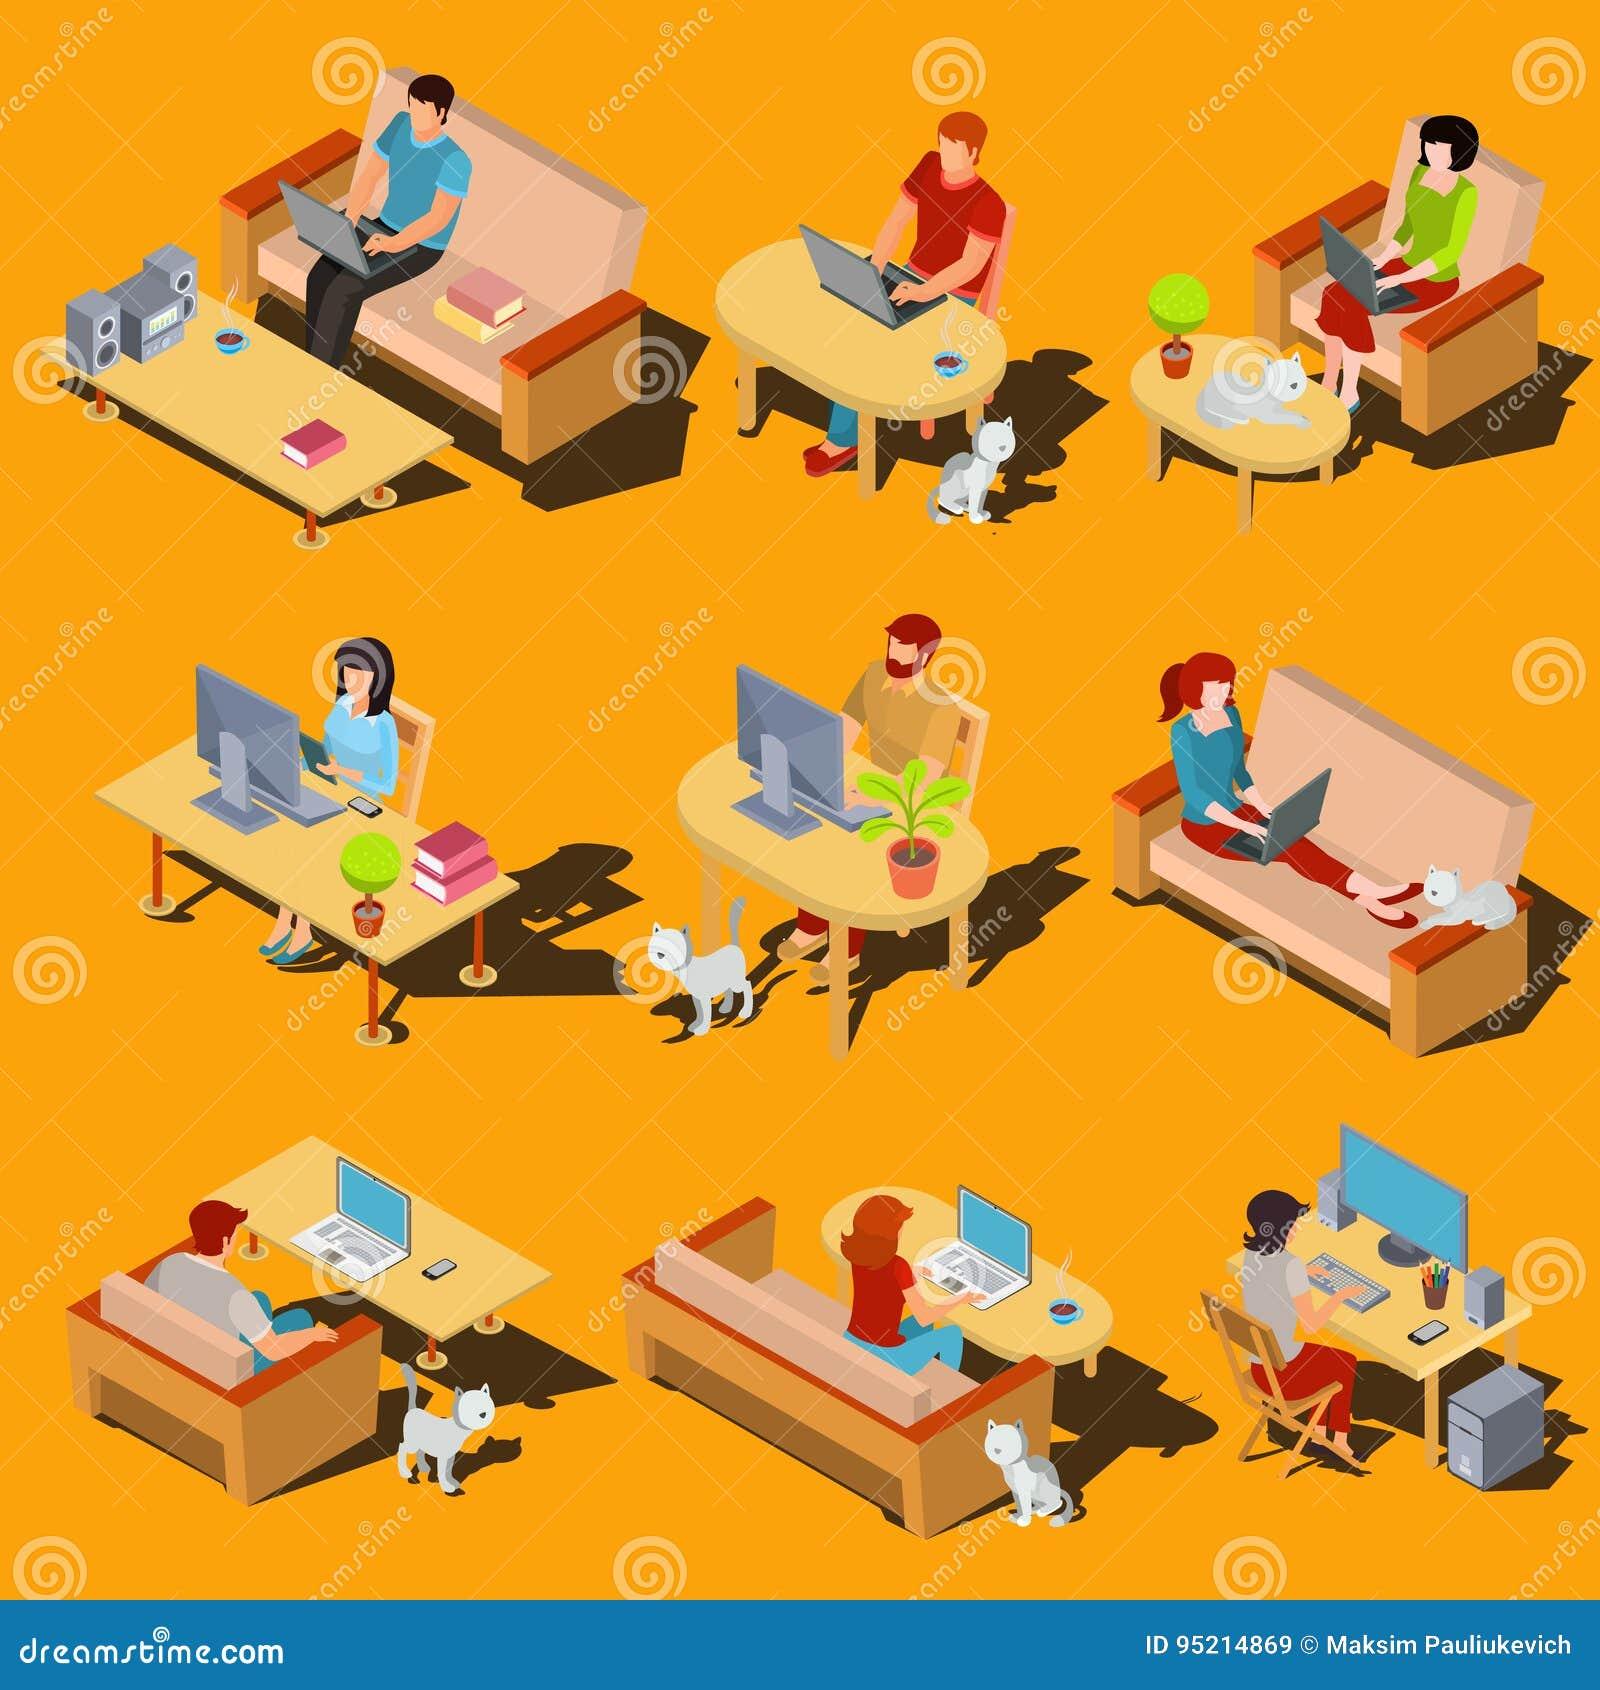 Reeks isometrische pictogrammen van mannen en vrouwen die aan een computer en laptop thuis werken